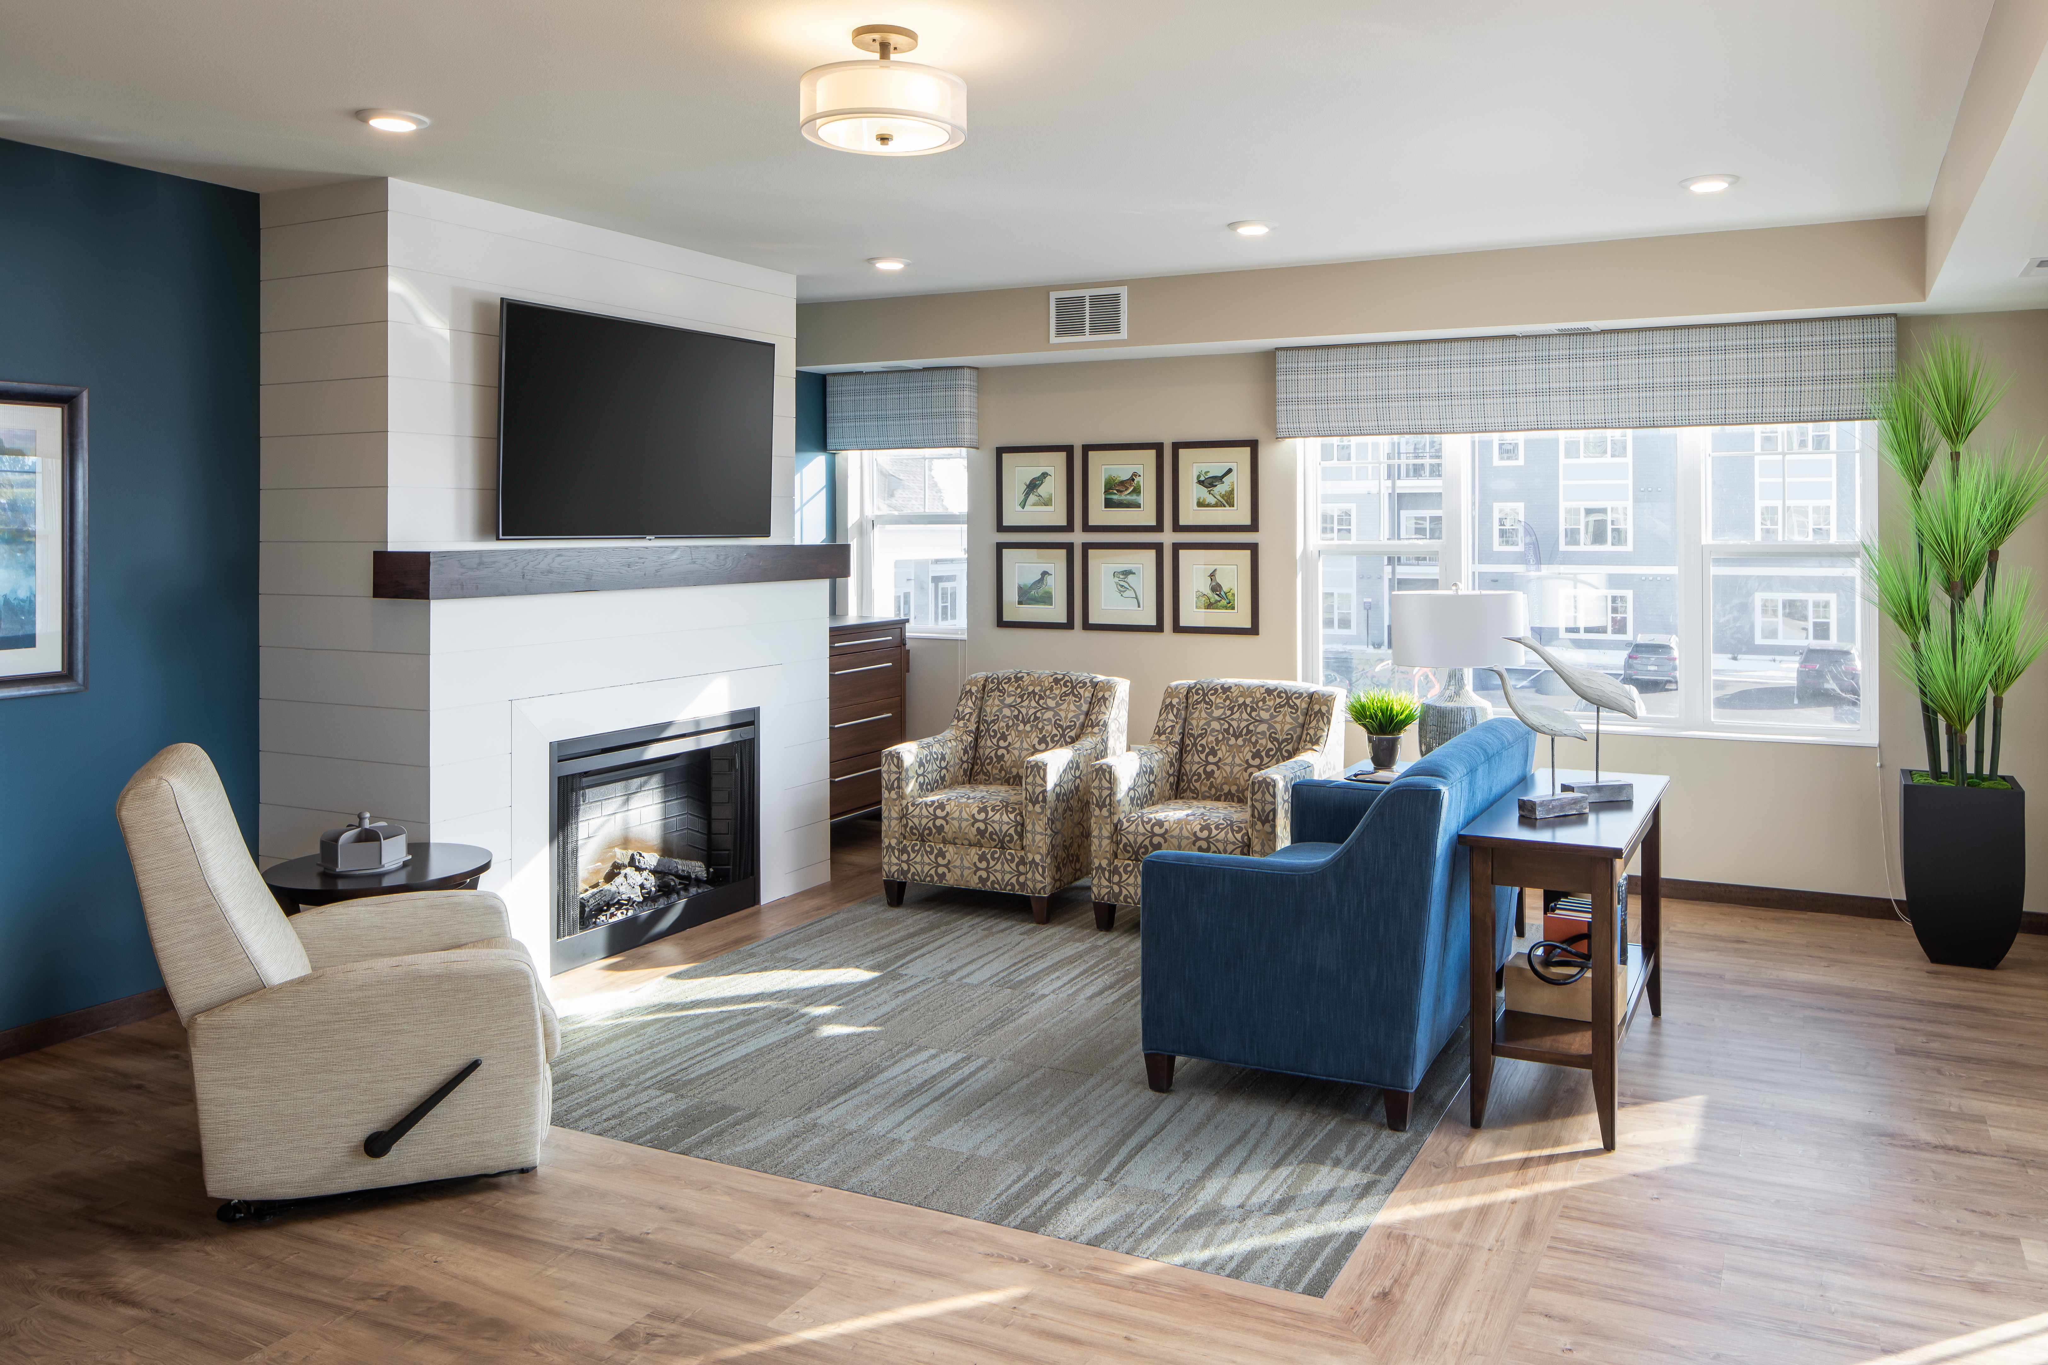 Havenwood of Burnsville opens new care suites neighborhood